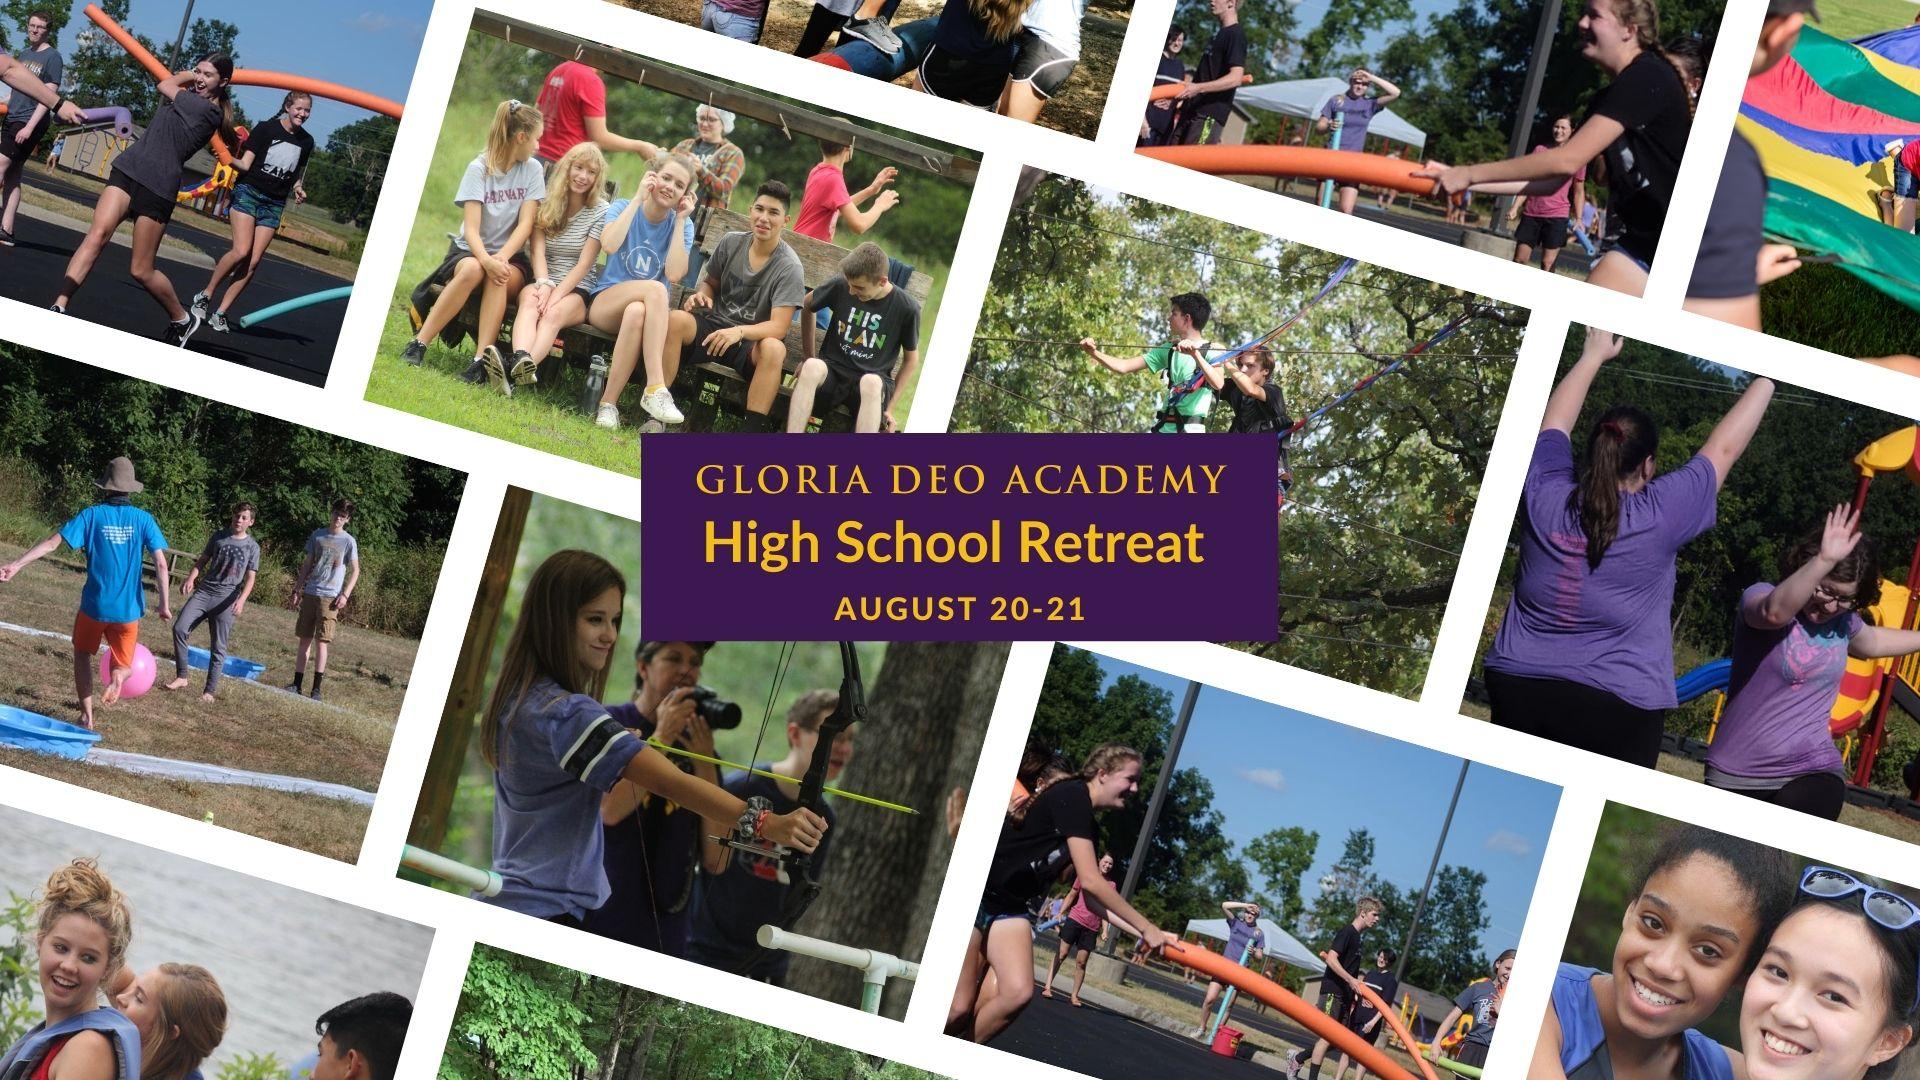 GDA High School Retreat 2021